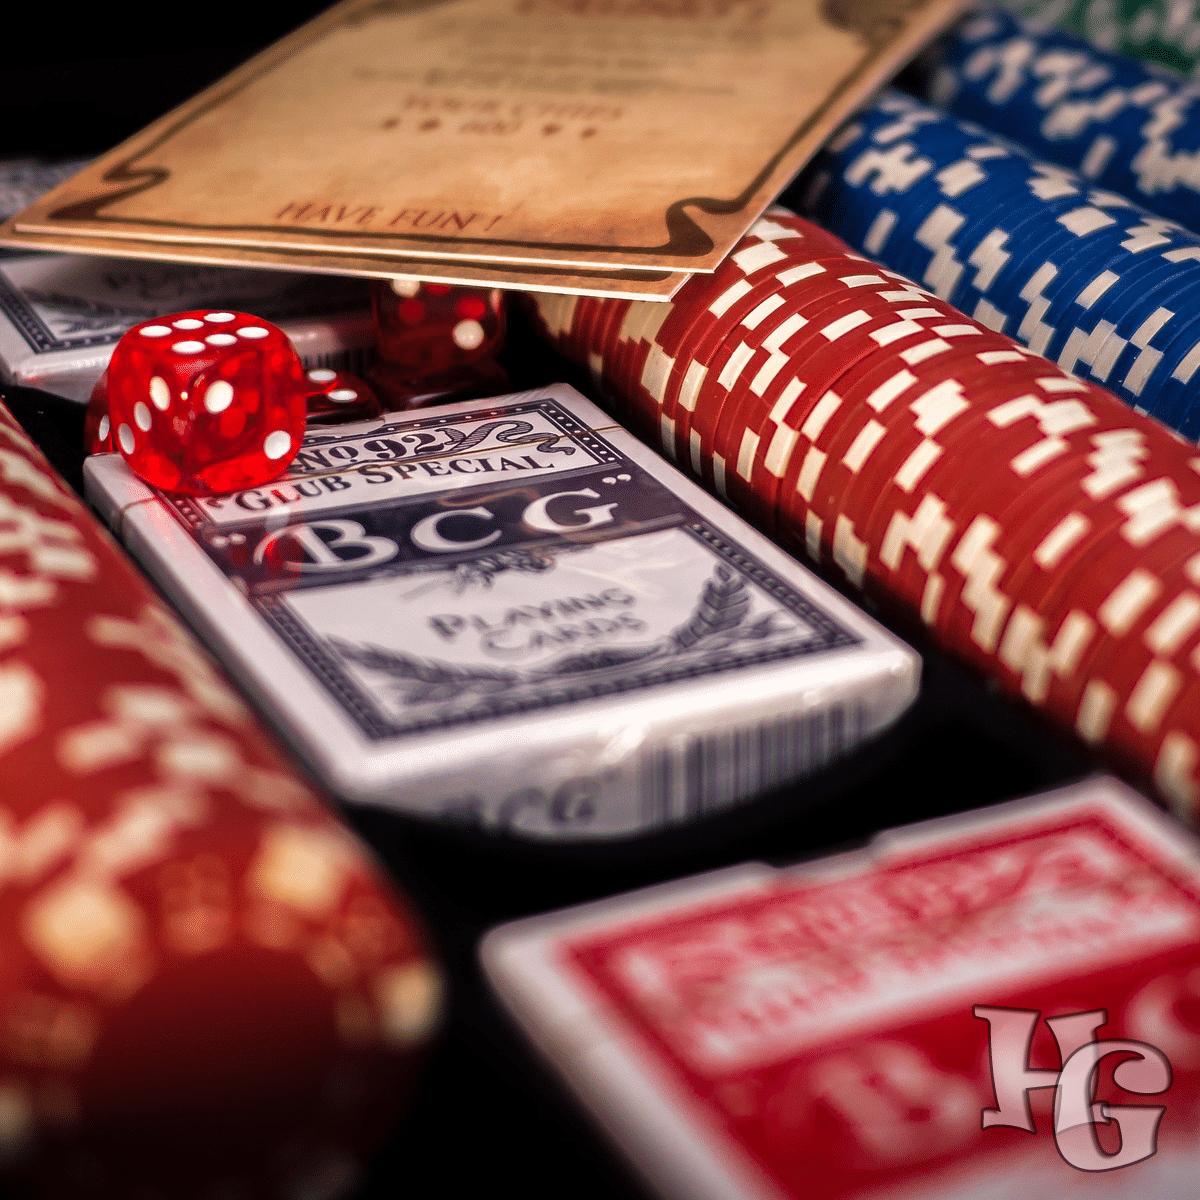 Правила оплата игры техасского покера в казино онлайн видеочат рулетка американский